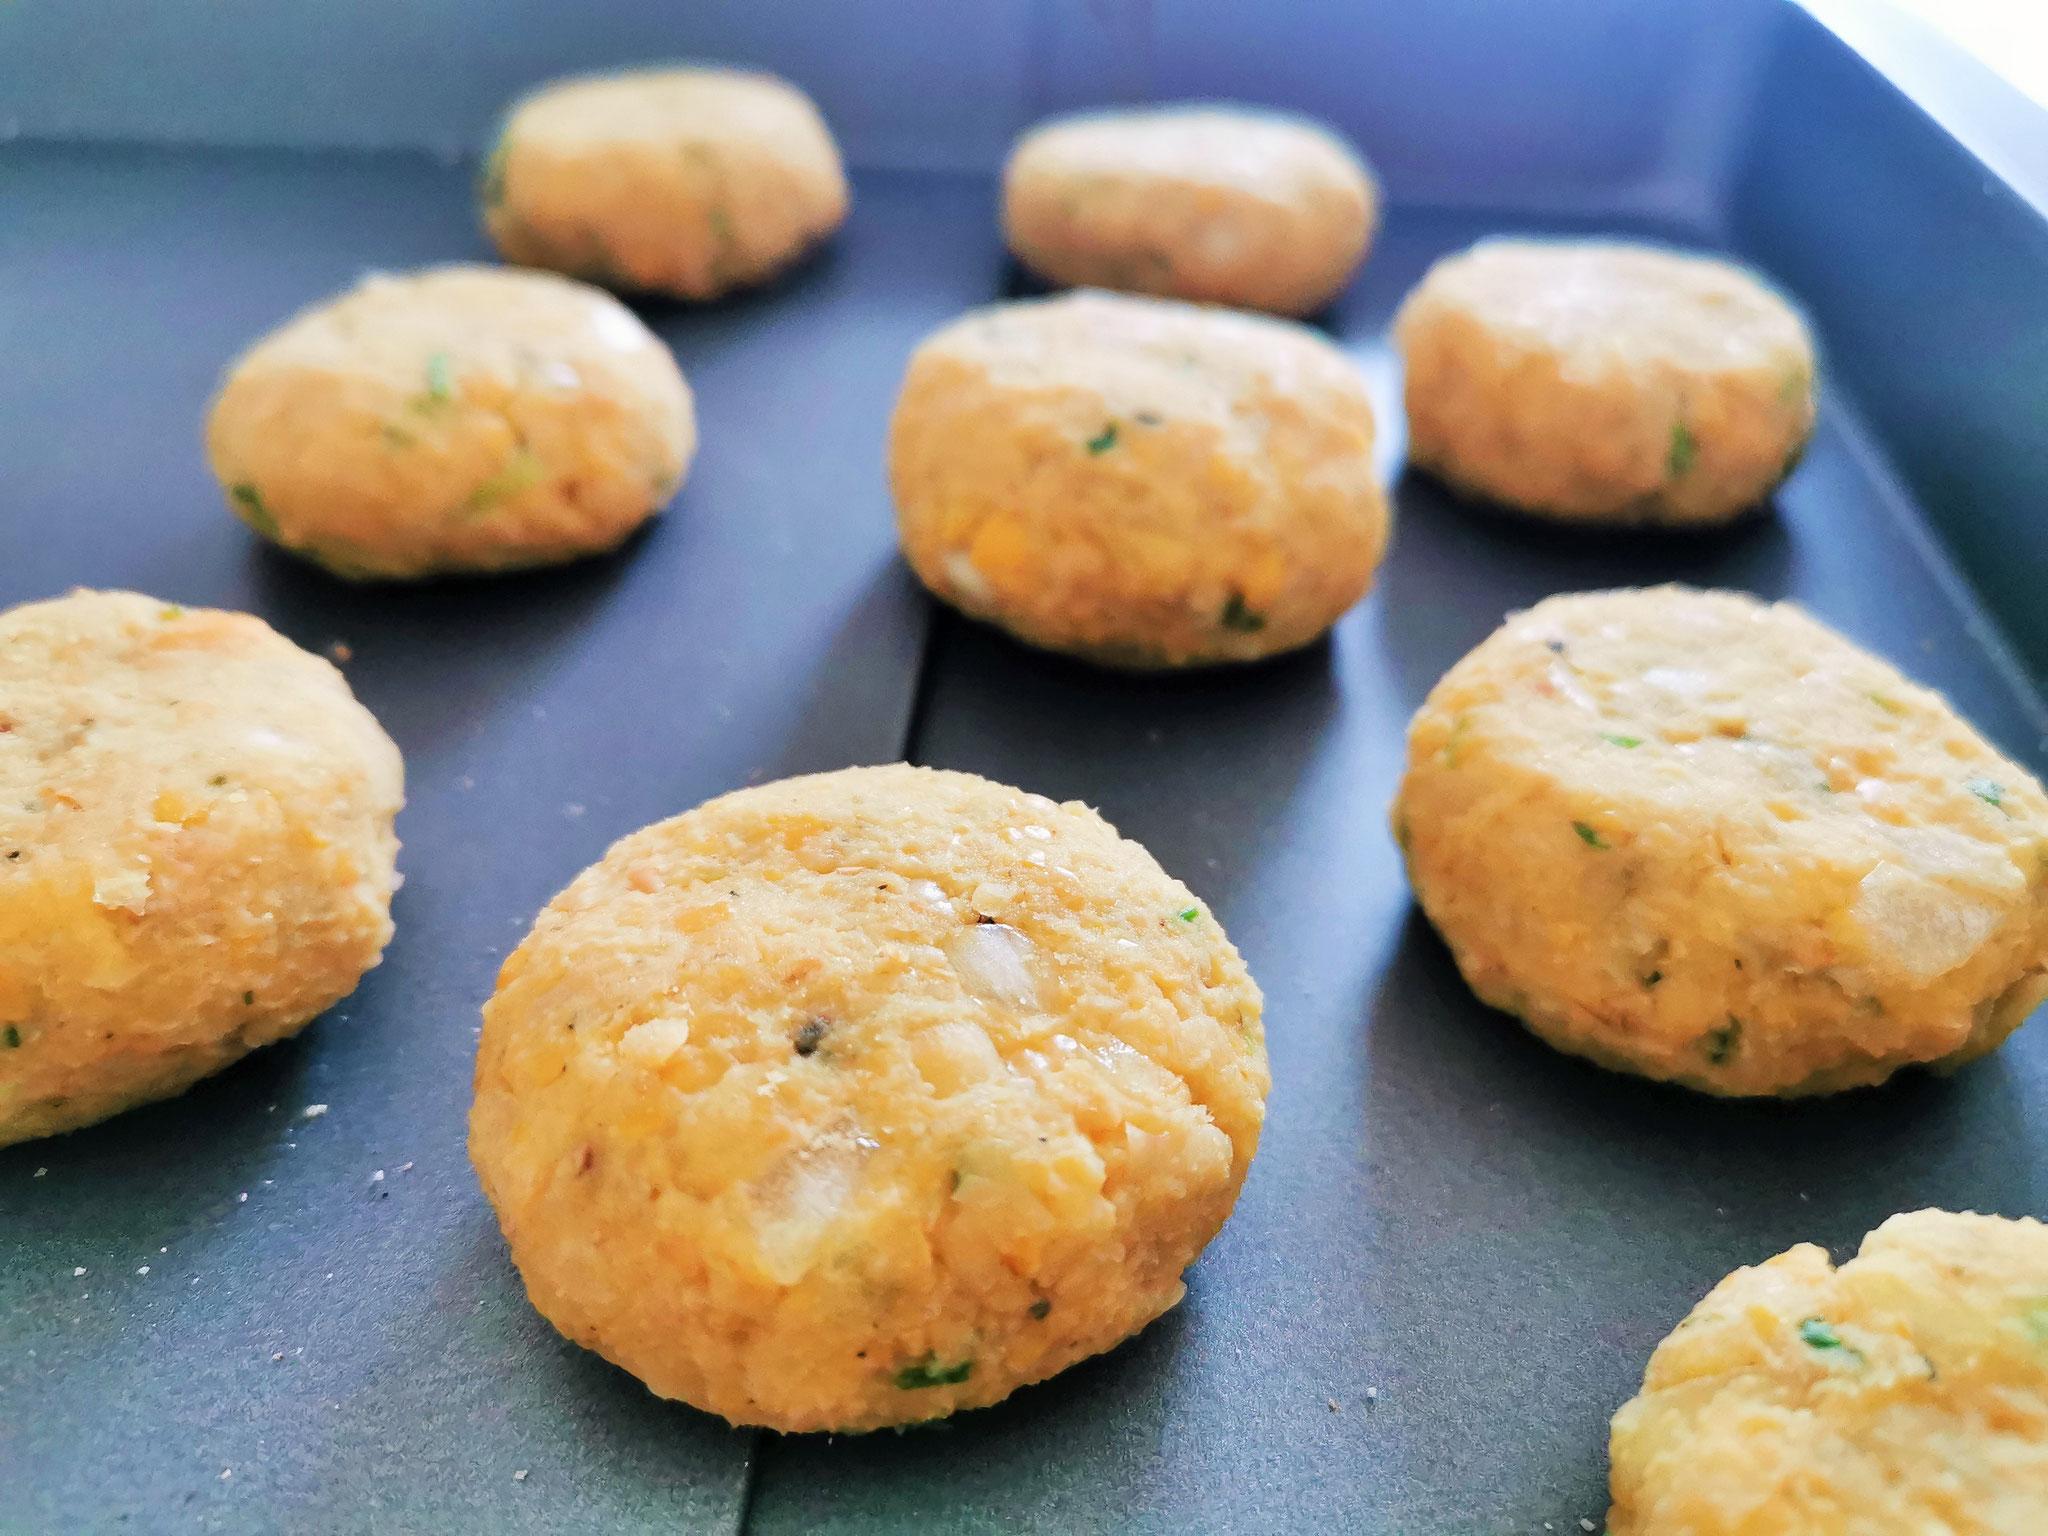 kleine Bällchen formen - etwas flach drücken und im Ofen backen